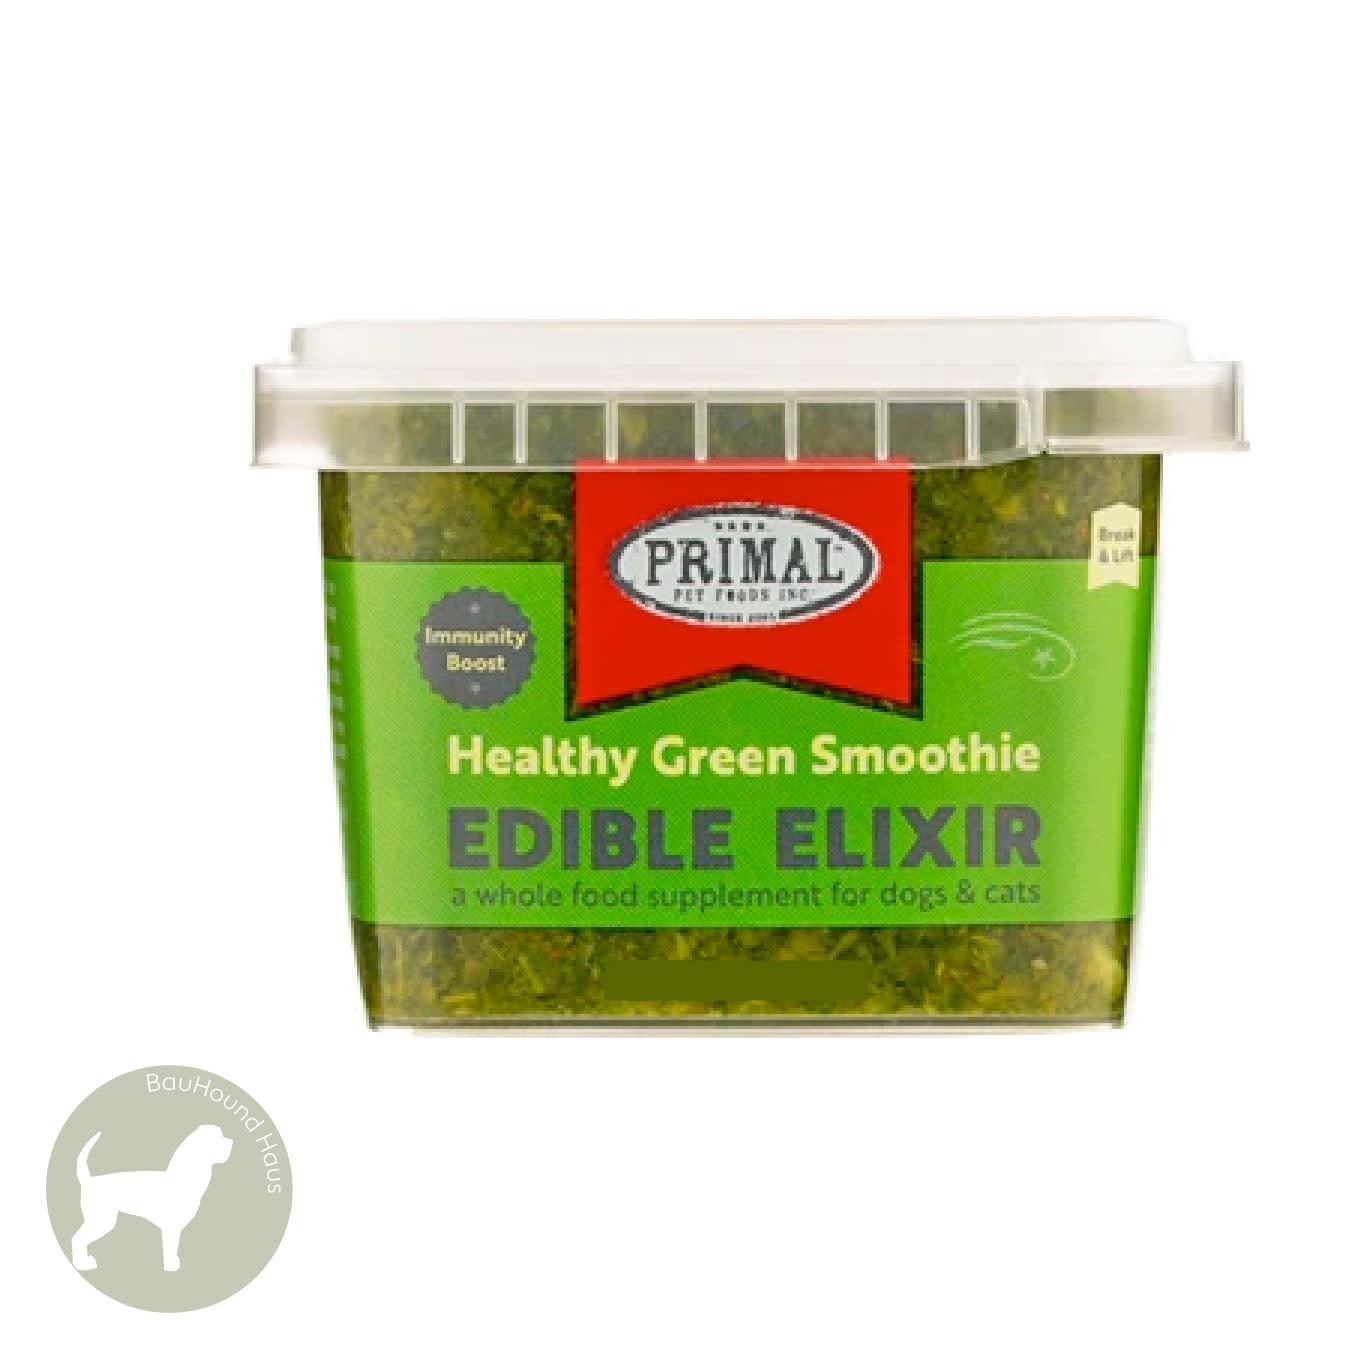 Primal Pet Foods Primal Pet Foods Edible Elixir Healthy Green Smoothie,  32oz